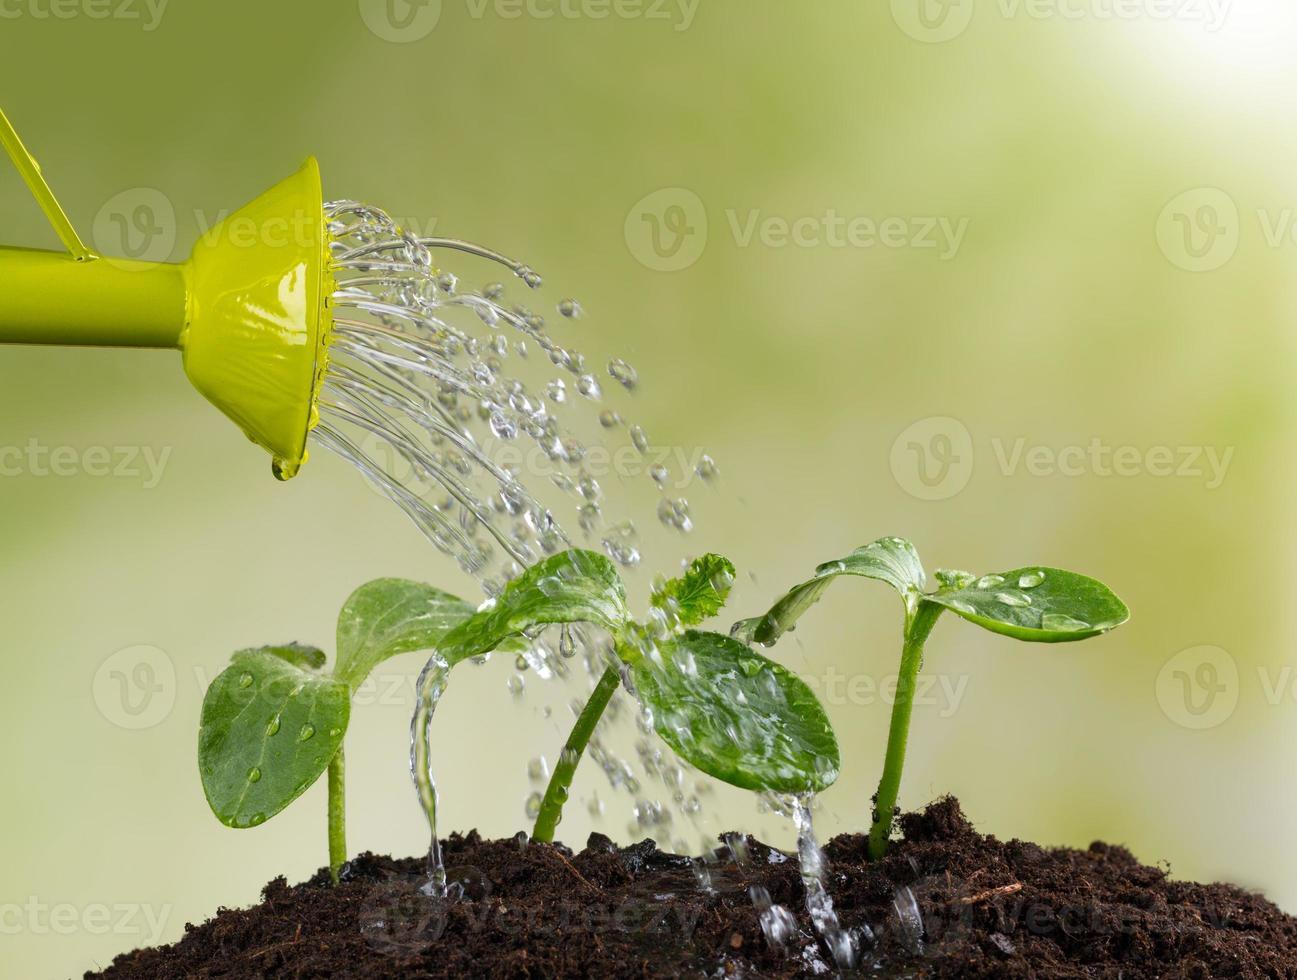 gieter jonge planten water geven foto